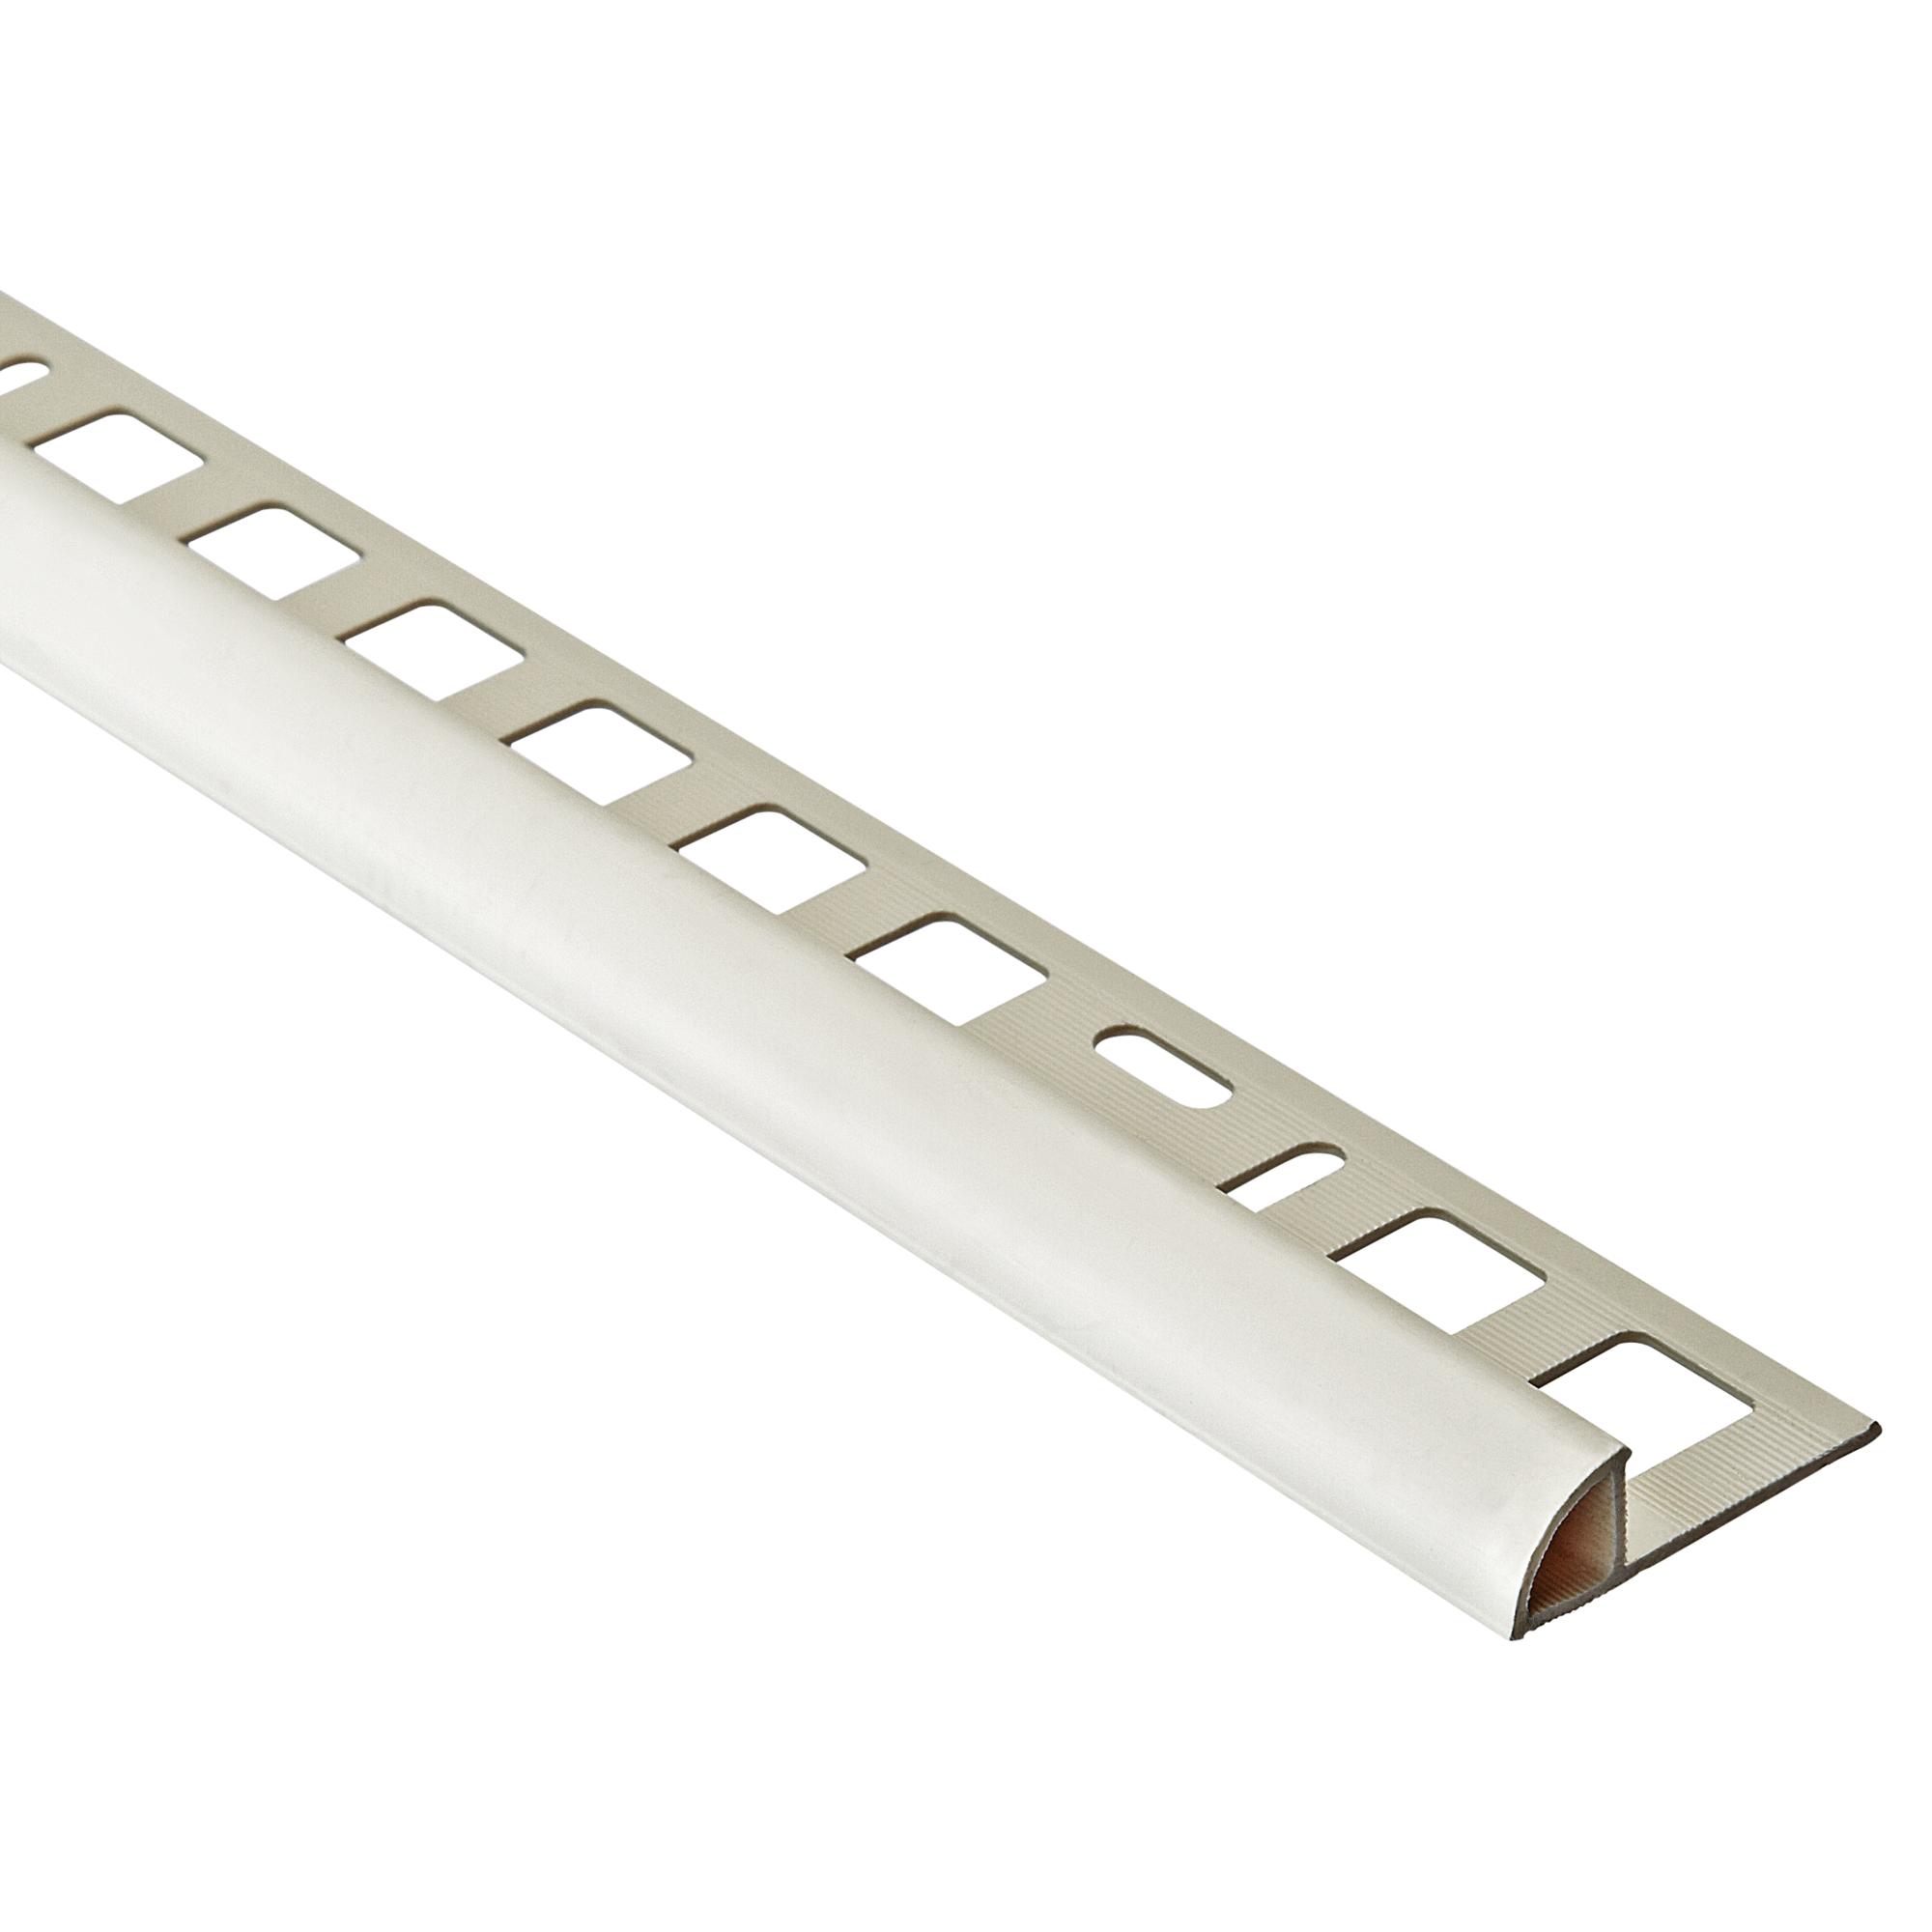 Alfer PVC Viertelkreisprofil weiß 8 x 8,8 mm